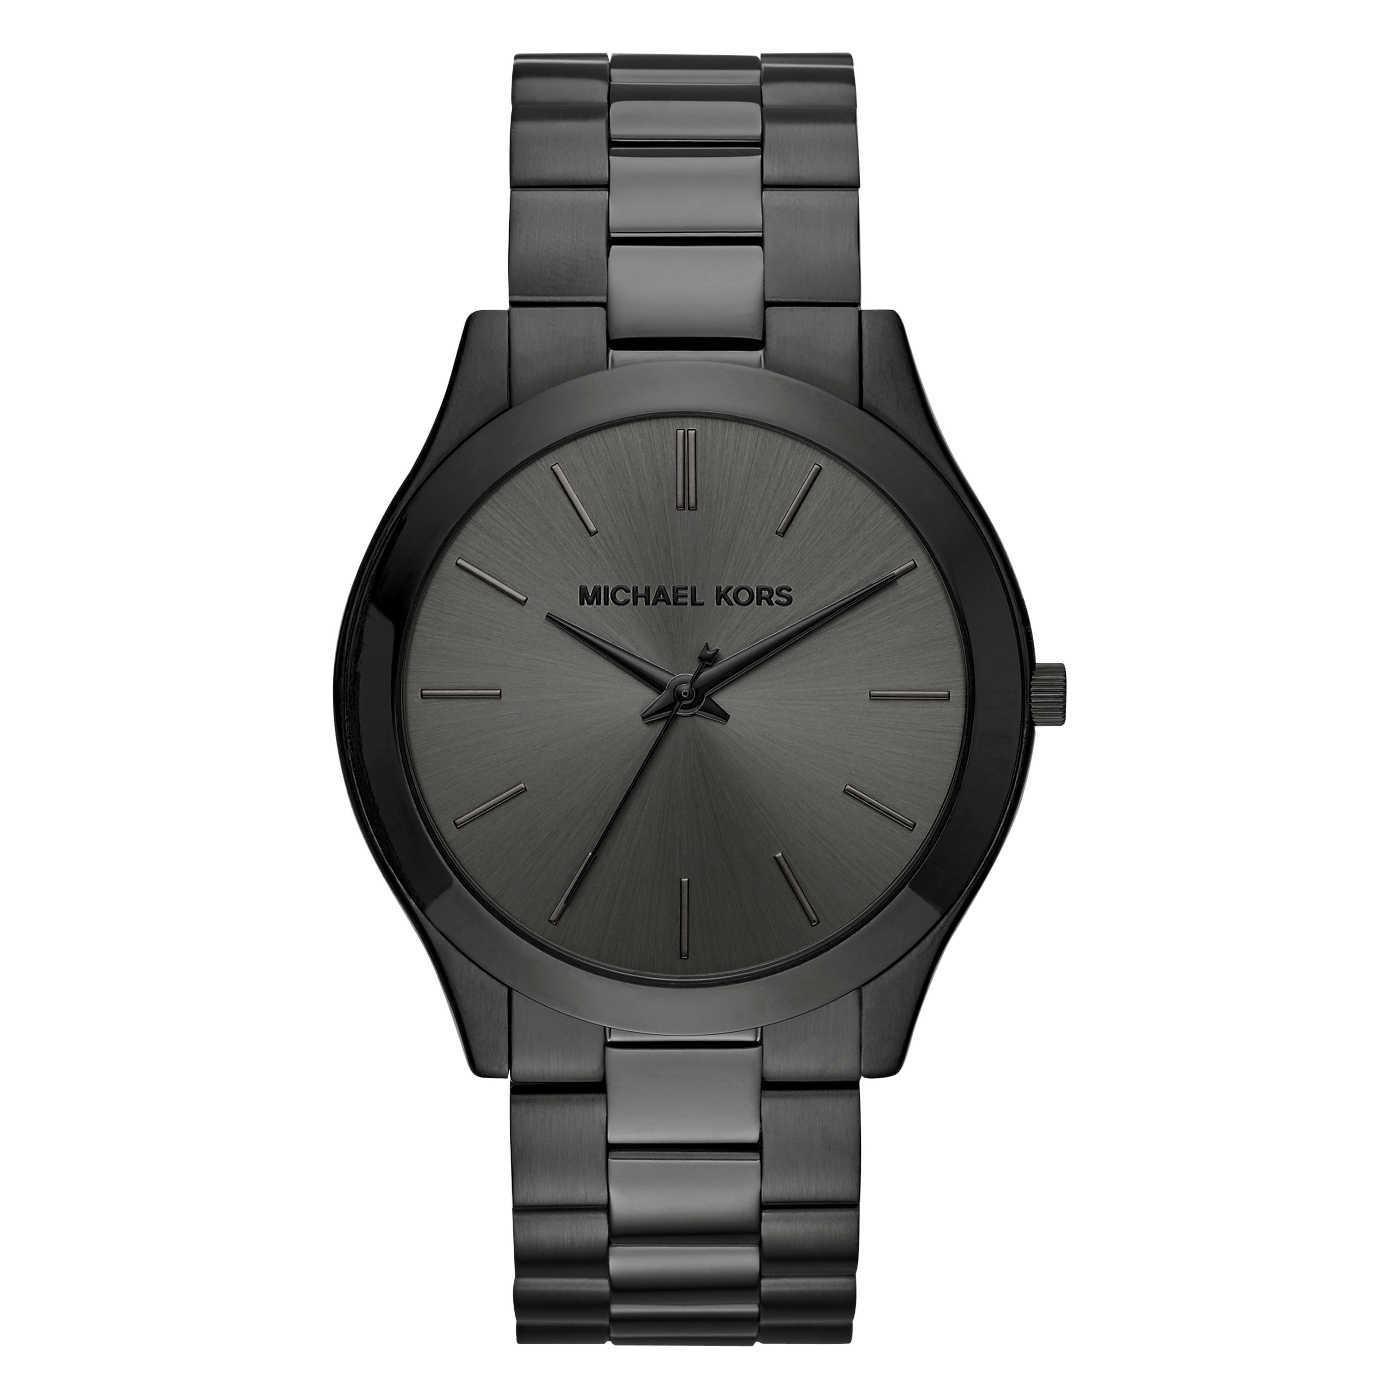 Michael Kors Slim Runway Horloge MK8507